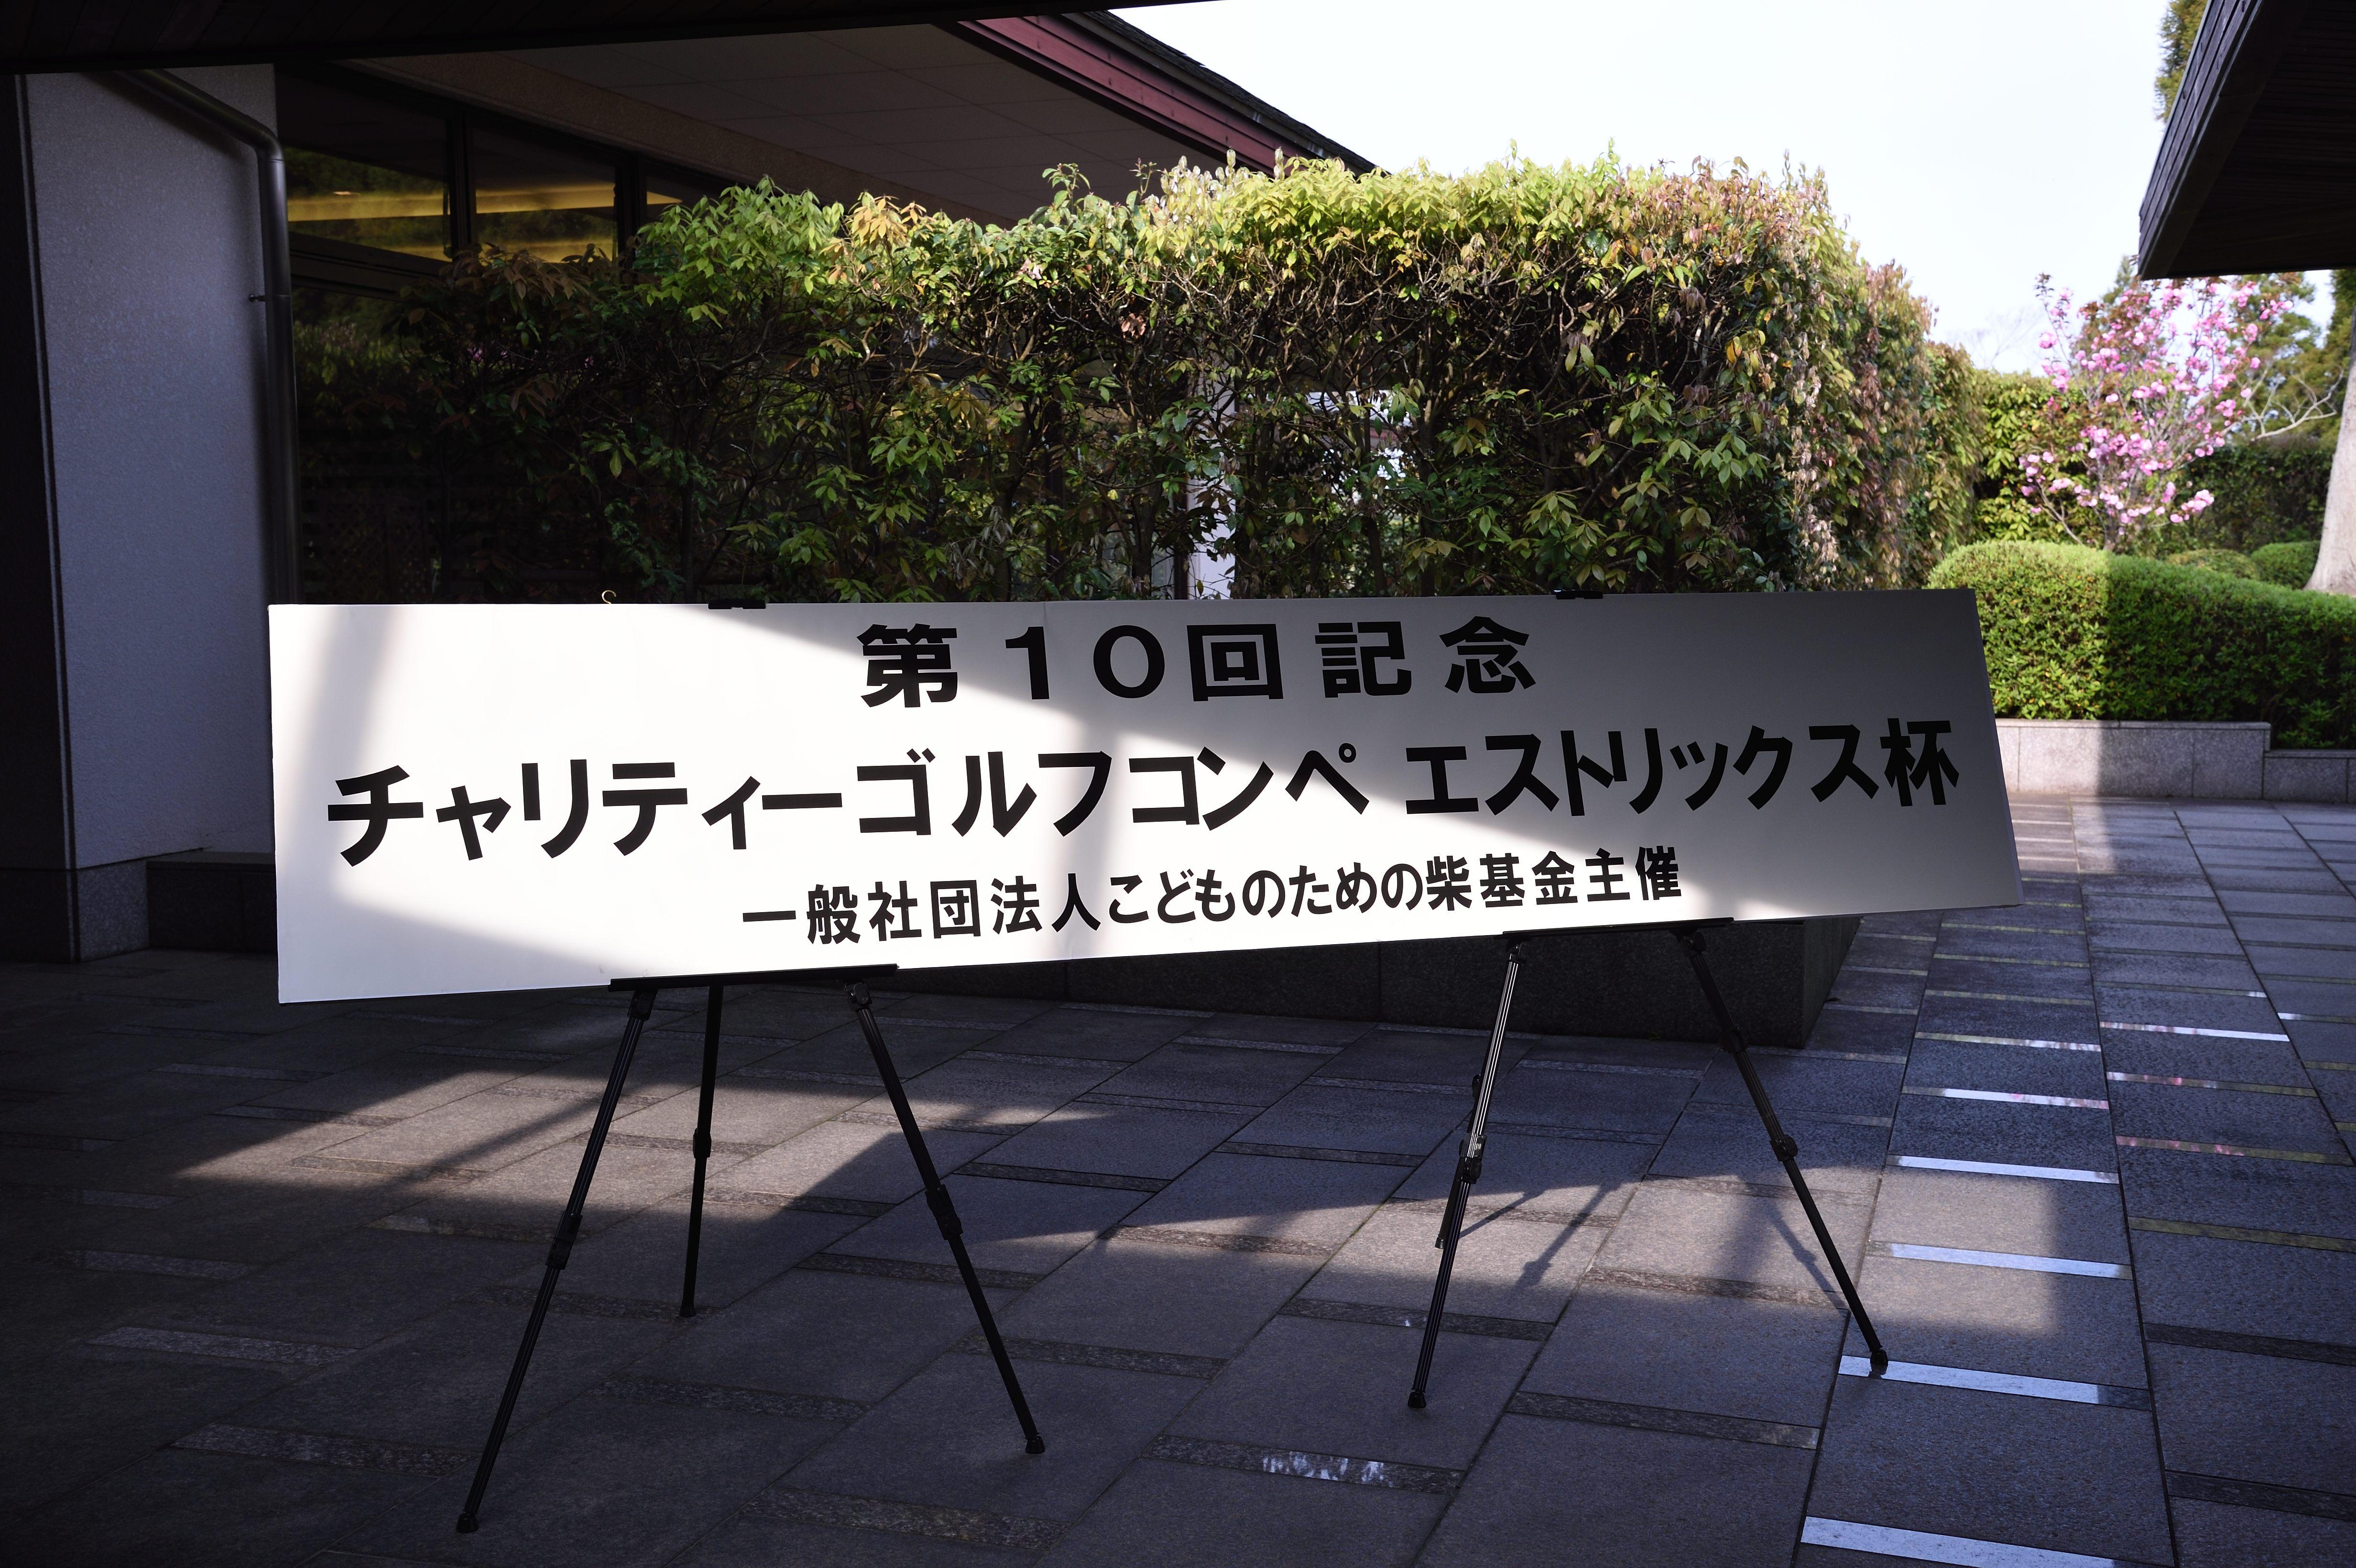 第10回記念 チャリティーコンペ エストリックス杯at東急セブンハンド